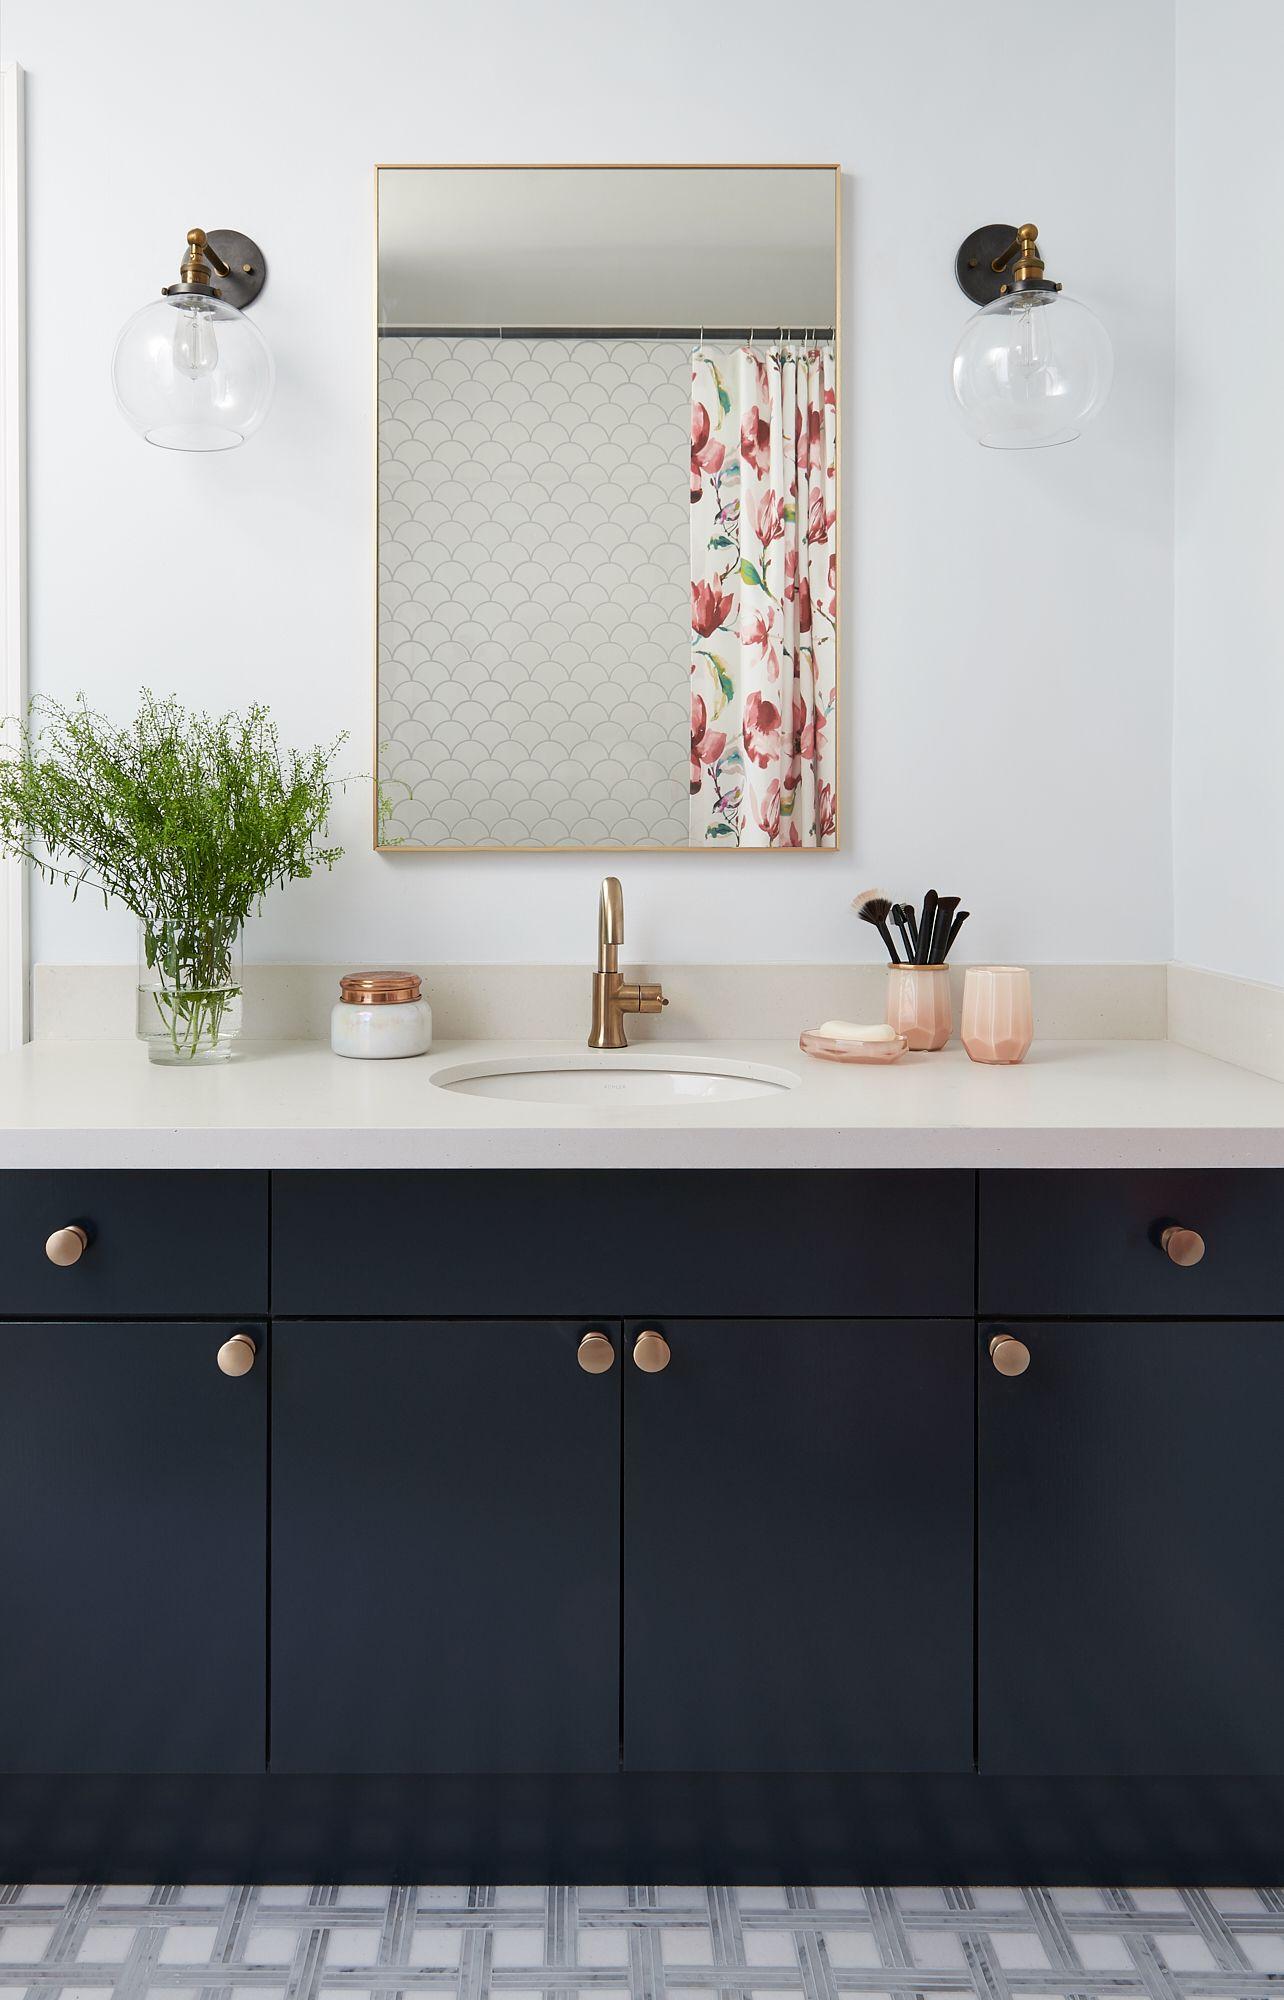 8 Black Bathroom Cabinet Ideas That You Ll Want To Copy Now Hunker Black Cabinets Bathroom Black Vanity Bathroom Black Bathroom